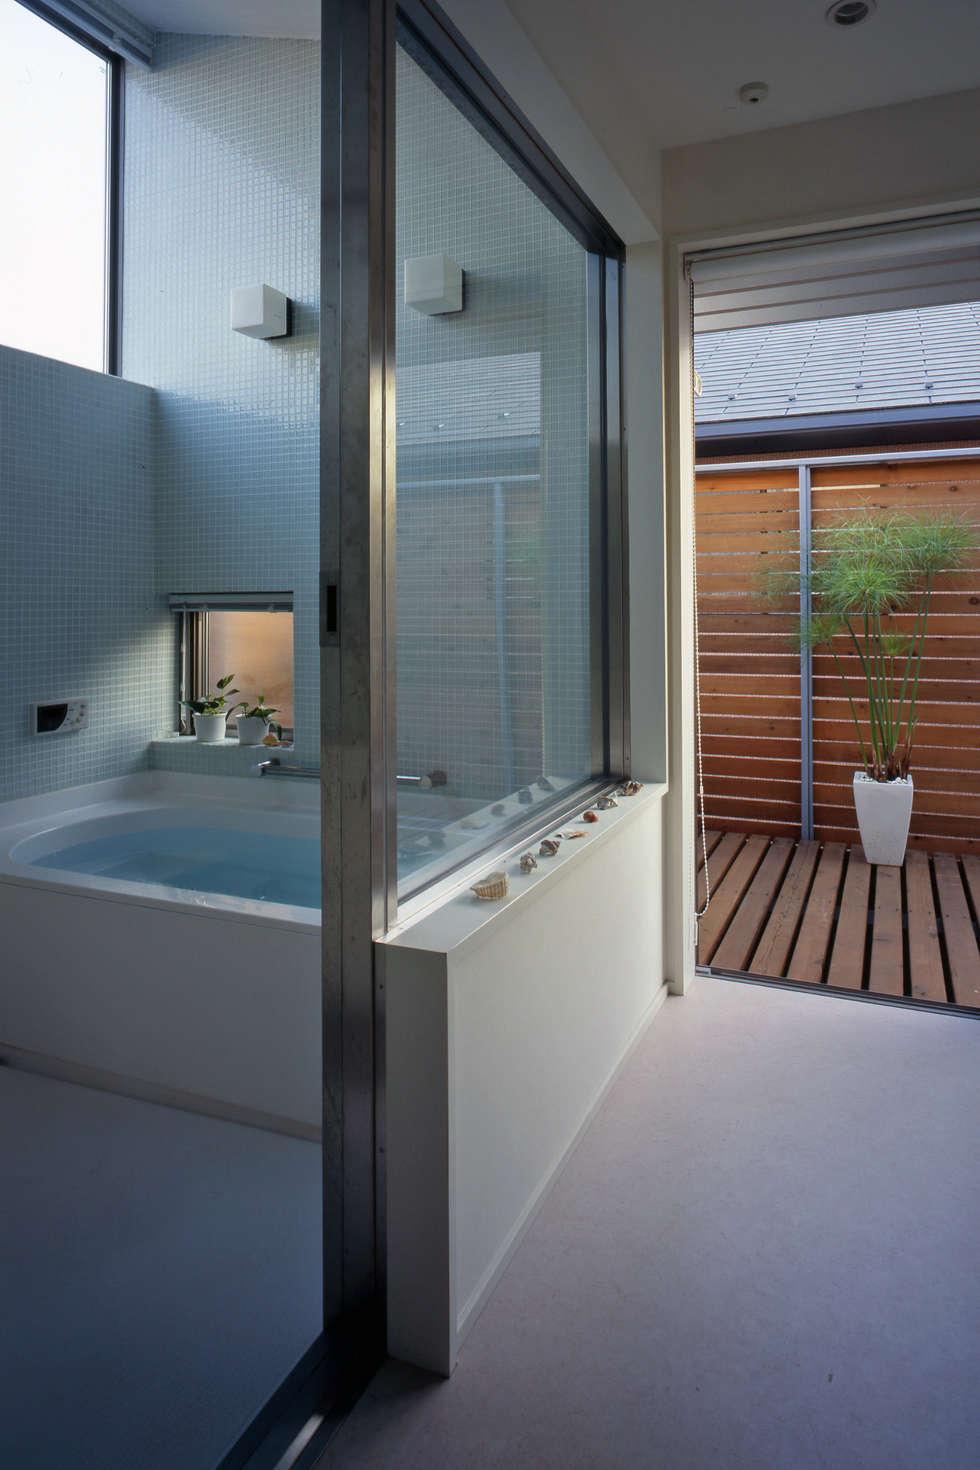 市川の家: 長浜信幸建築設計事務所が手掛けた浴室です。